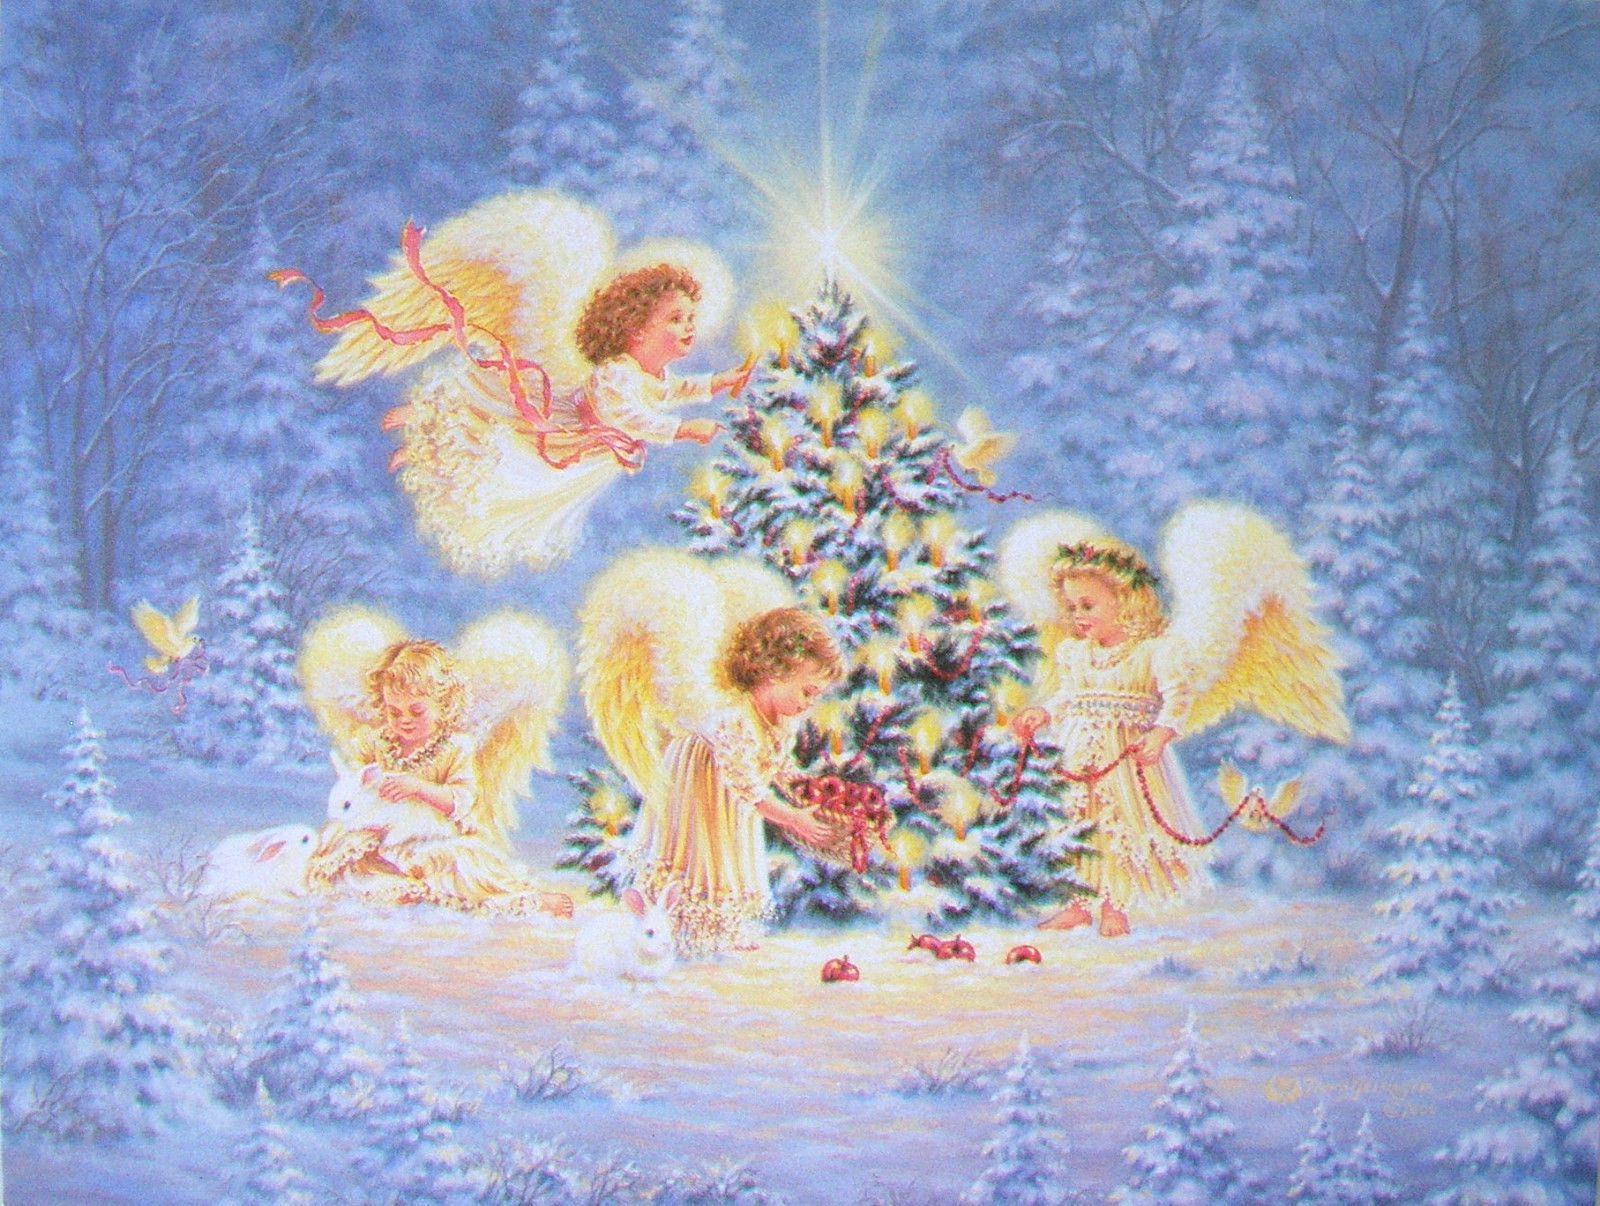 Leanin Tree Dona Gelsinger Little Girl Angels Christmas Tree Star